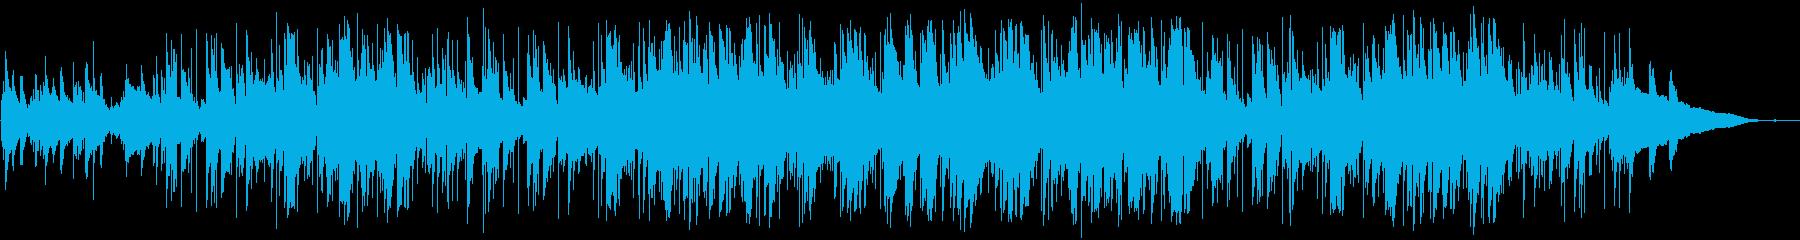 ほのぼのしたピアノとアコギのポップスの再生済みの波形